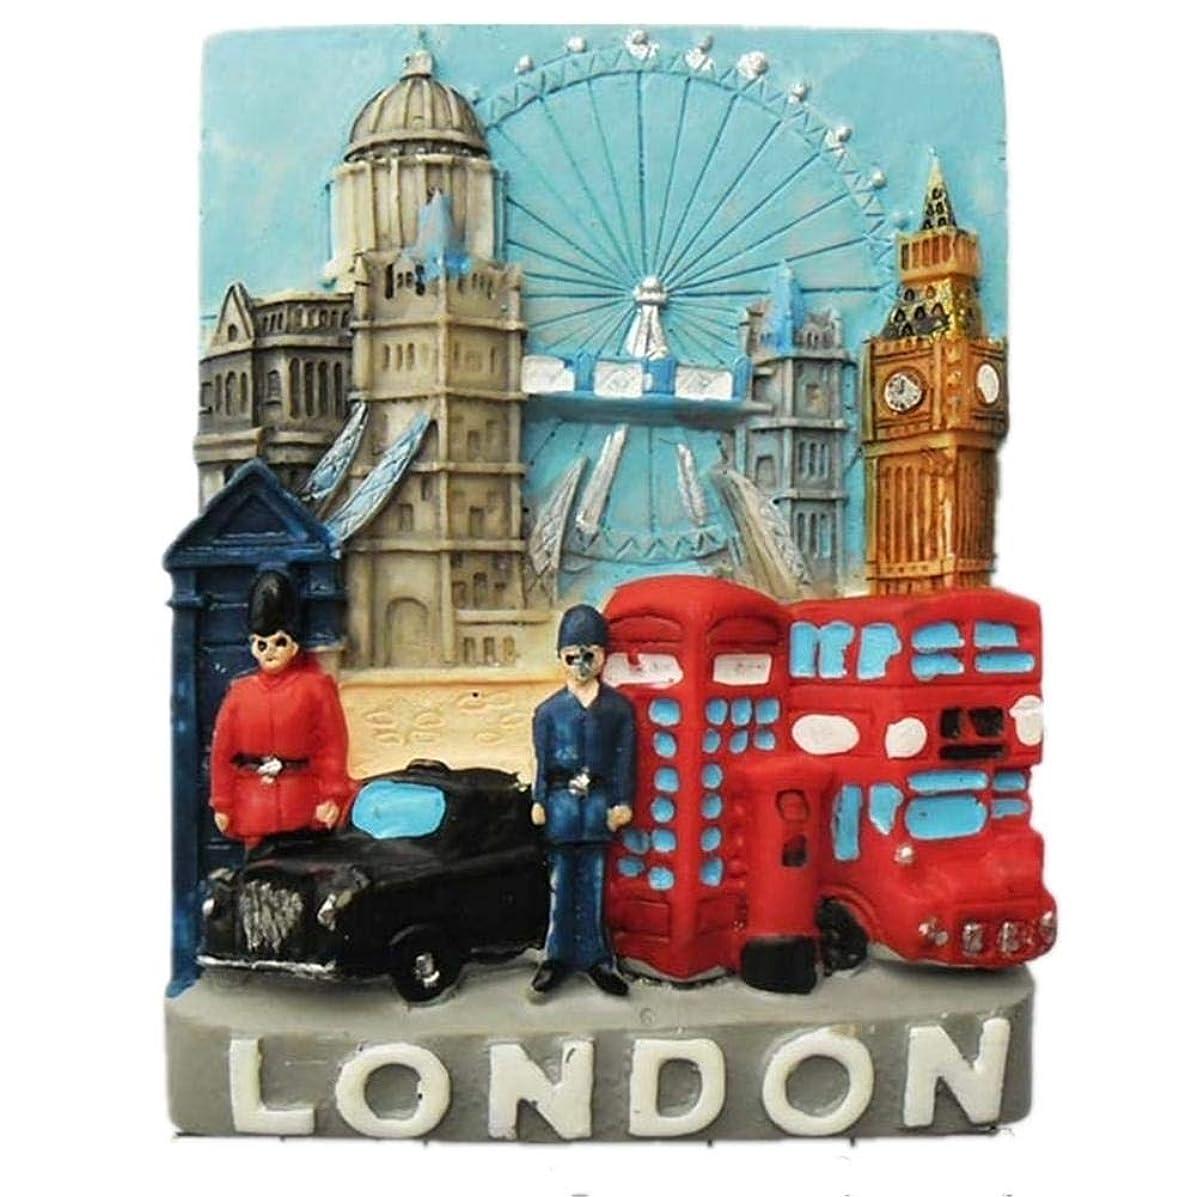 和縫い目極めて重要なロンドンイングランドイギリス冷蔵庫用マグネットステッカー3D手作り樹脂旅行ギフトお土産コレクションデコレーション